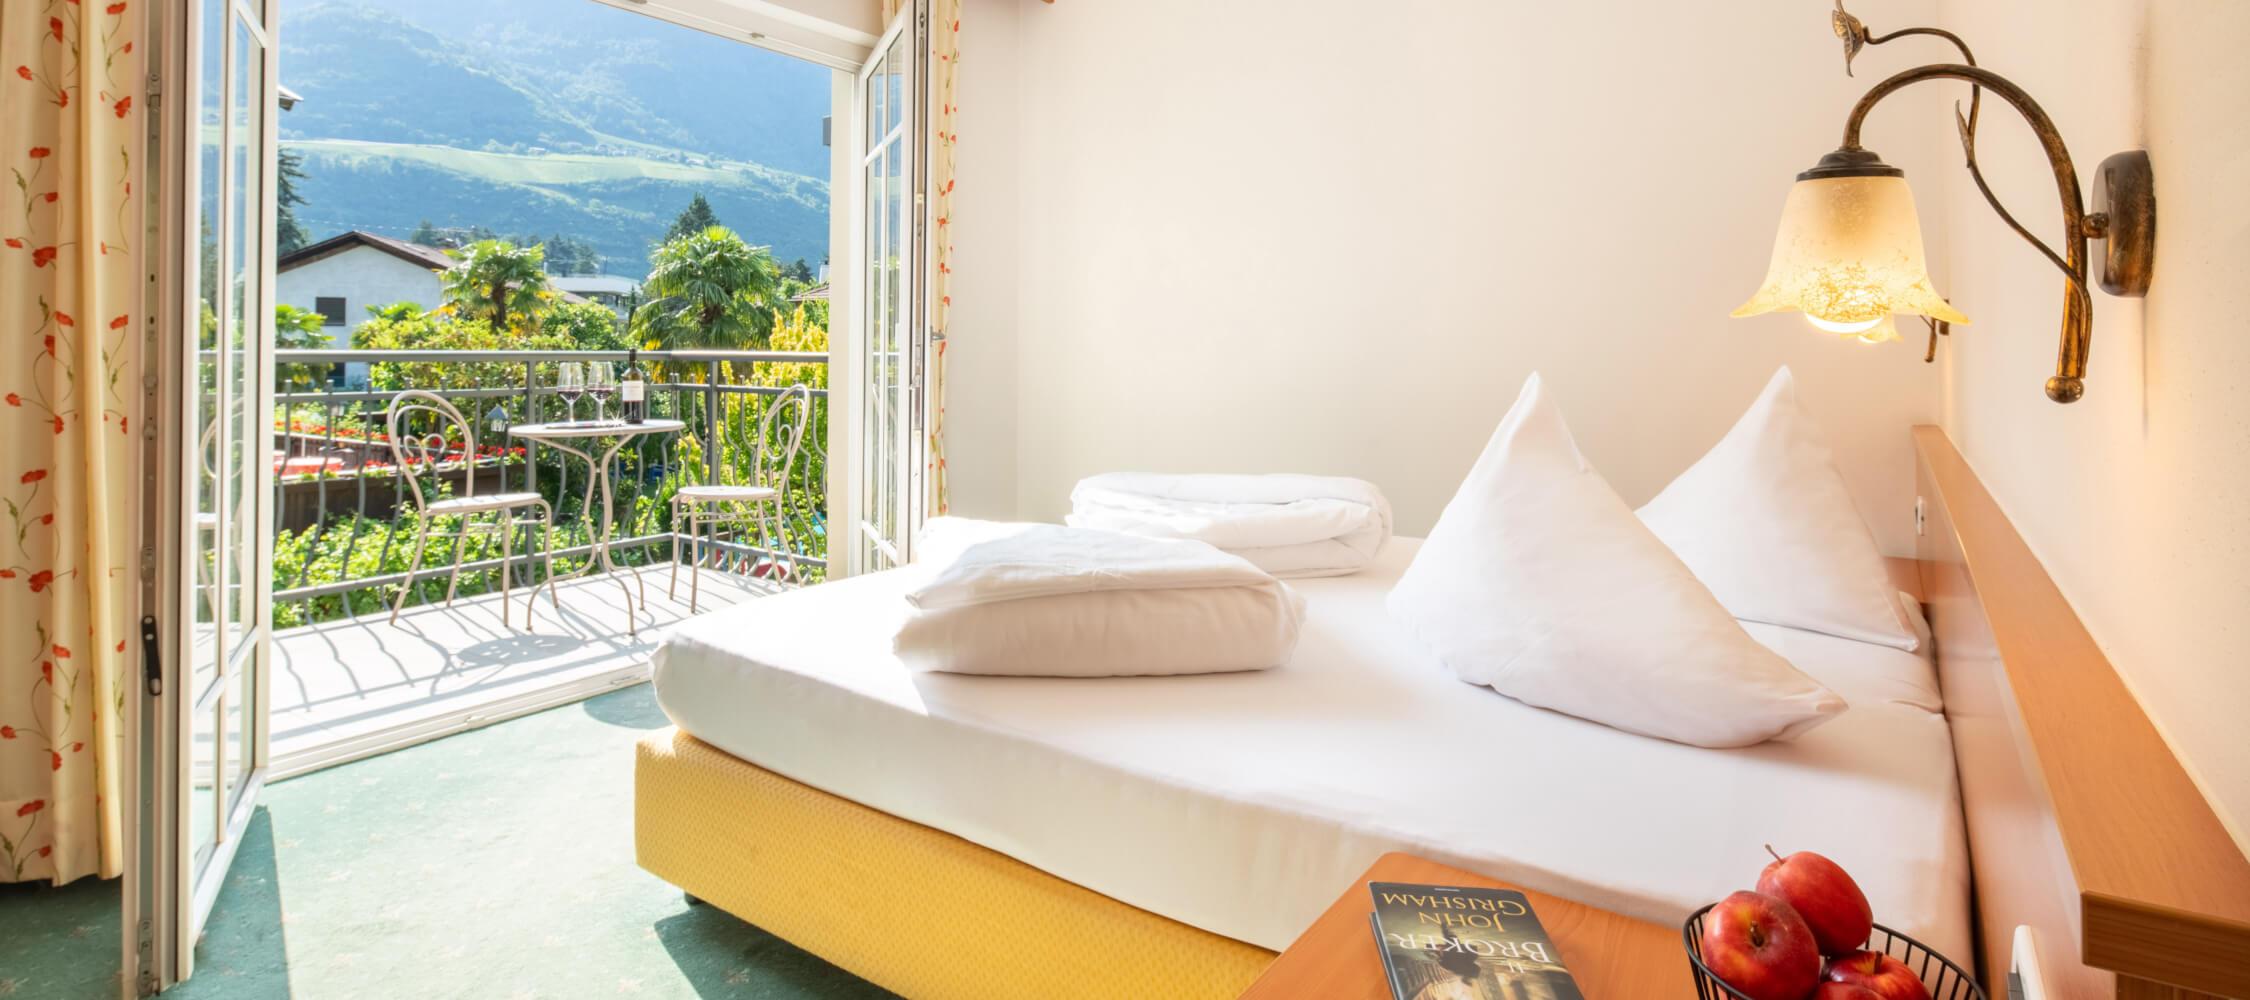 Hotel-Villa-Laurus-Merano-Rooms-Doppelzimmer-Flair-209-FlorianBusch-6-2250x1000